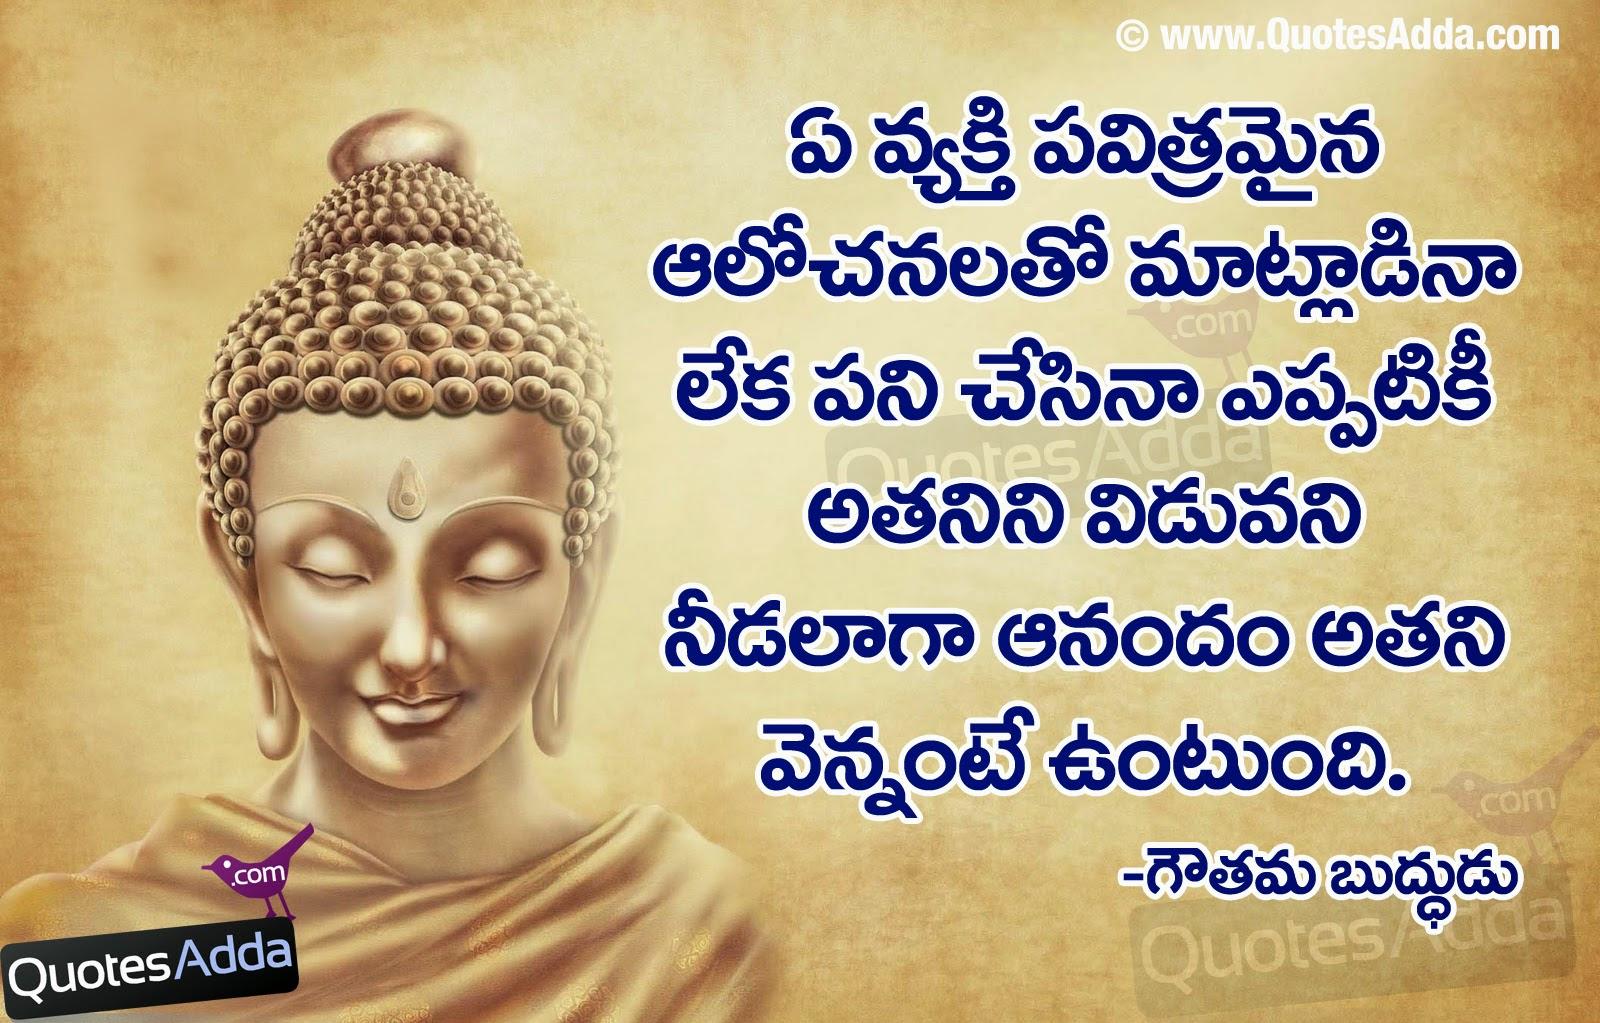 Quotes About Telugu Language 13 Quotes